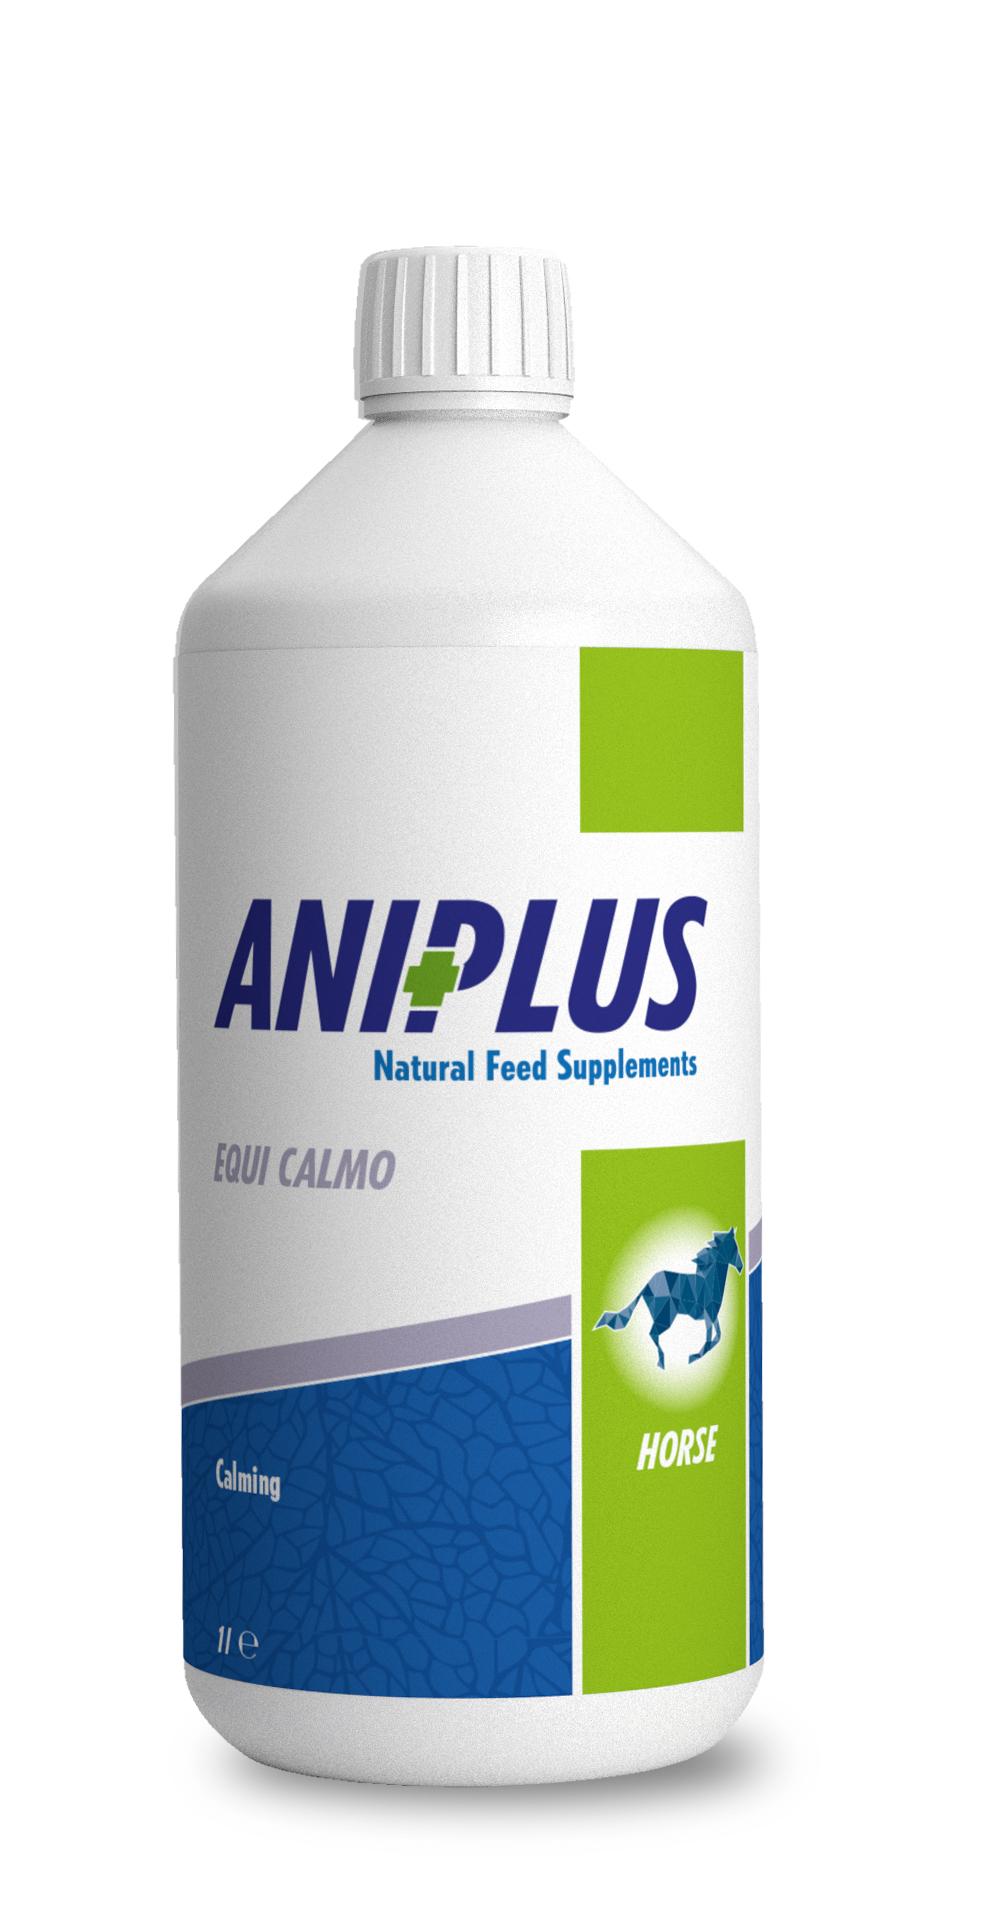 Aniplus_1L-Equi-Calmo